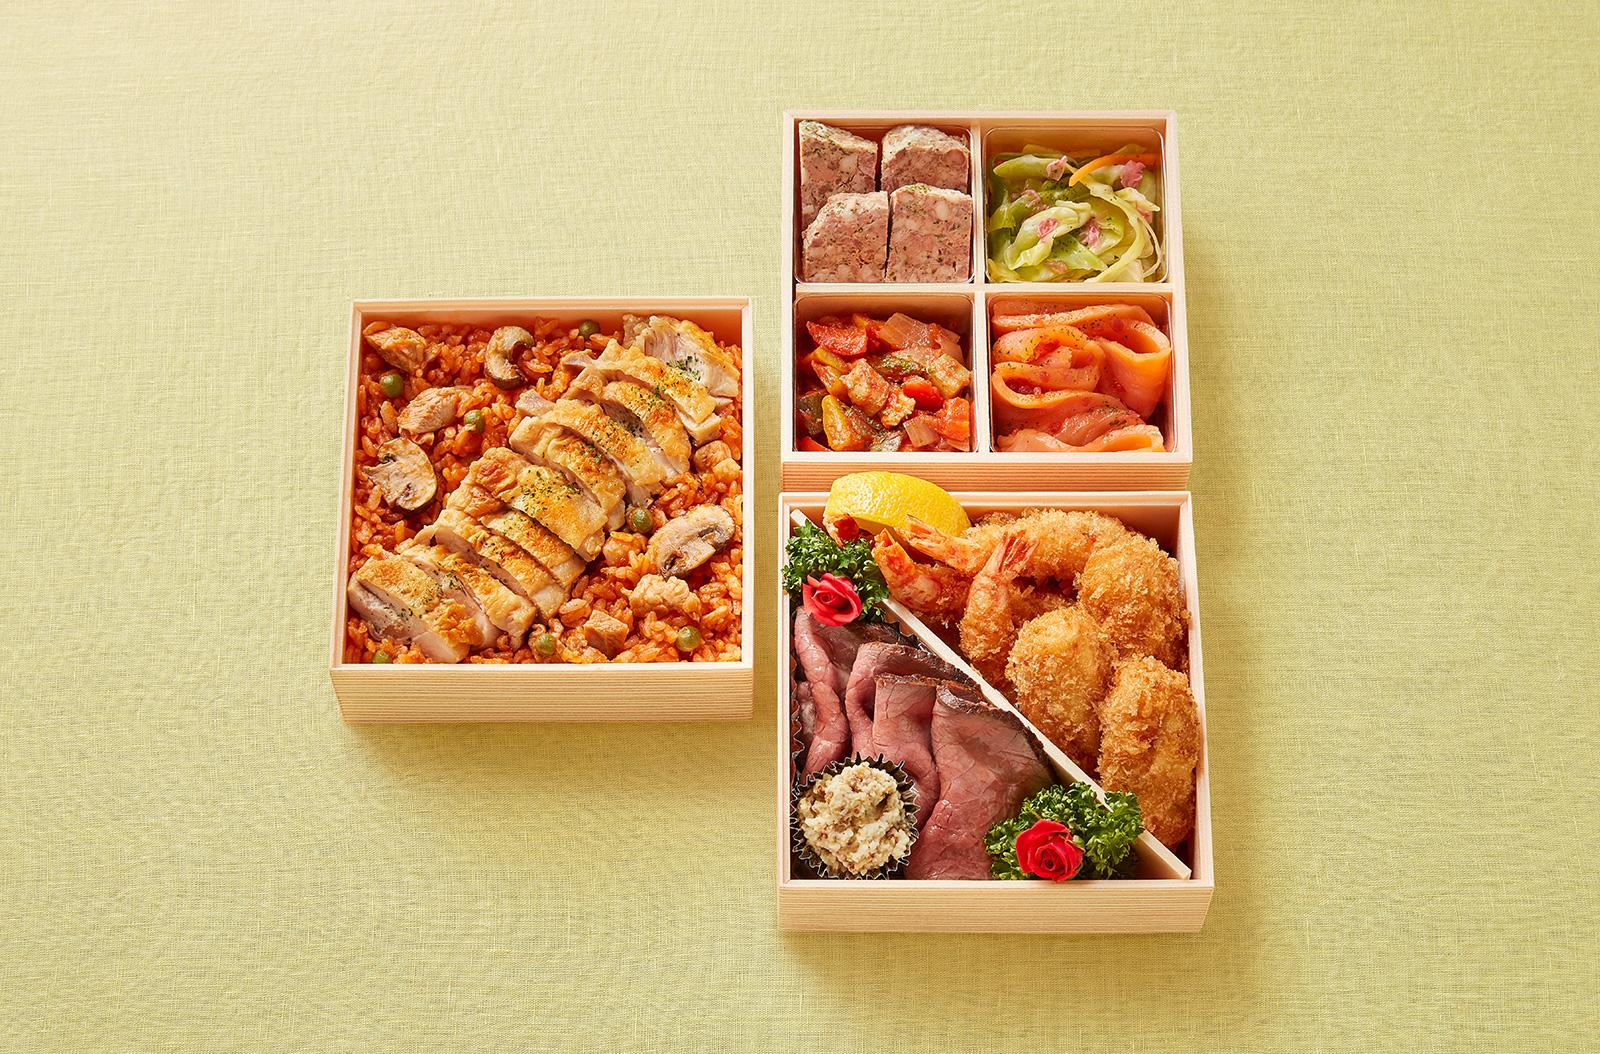 日本橋 いづもや 鰻屋まかない飯と和食のごちそう宴